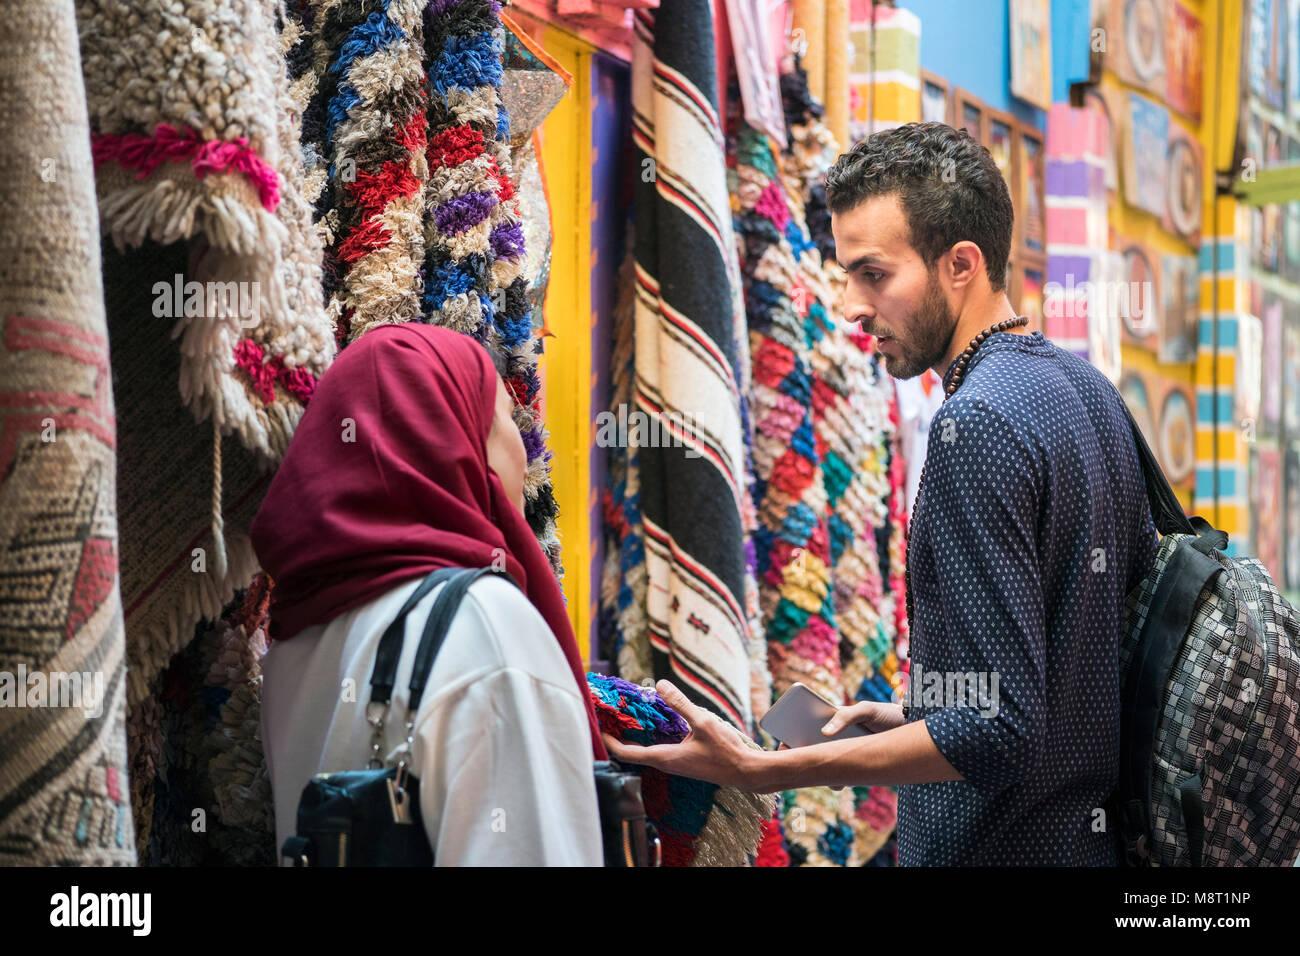 Sonriente joven pareja musulmana shopping y mirar las alfombras en un almacén textil Imagen De Stock